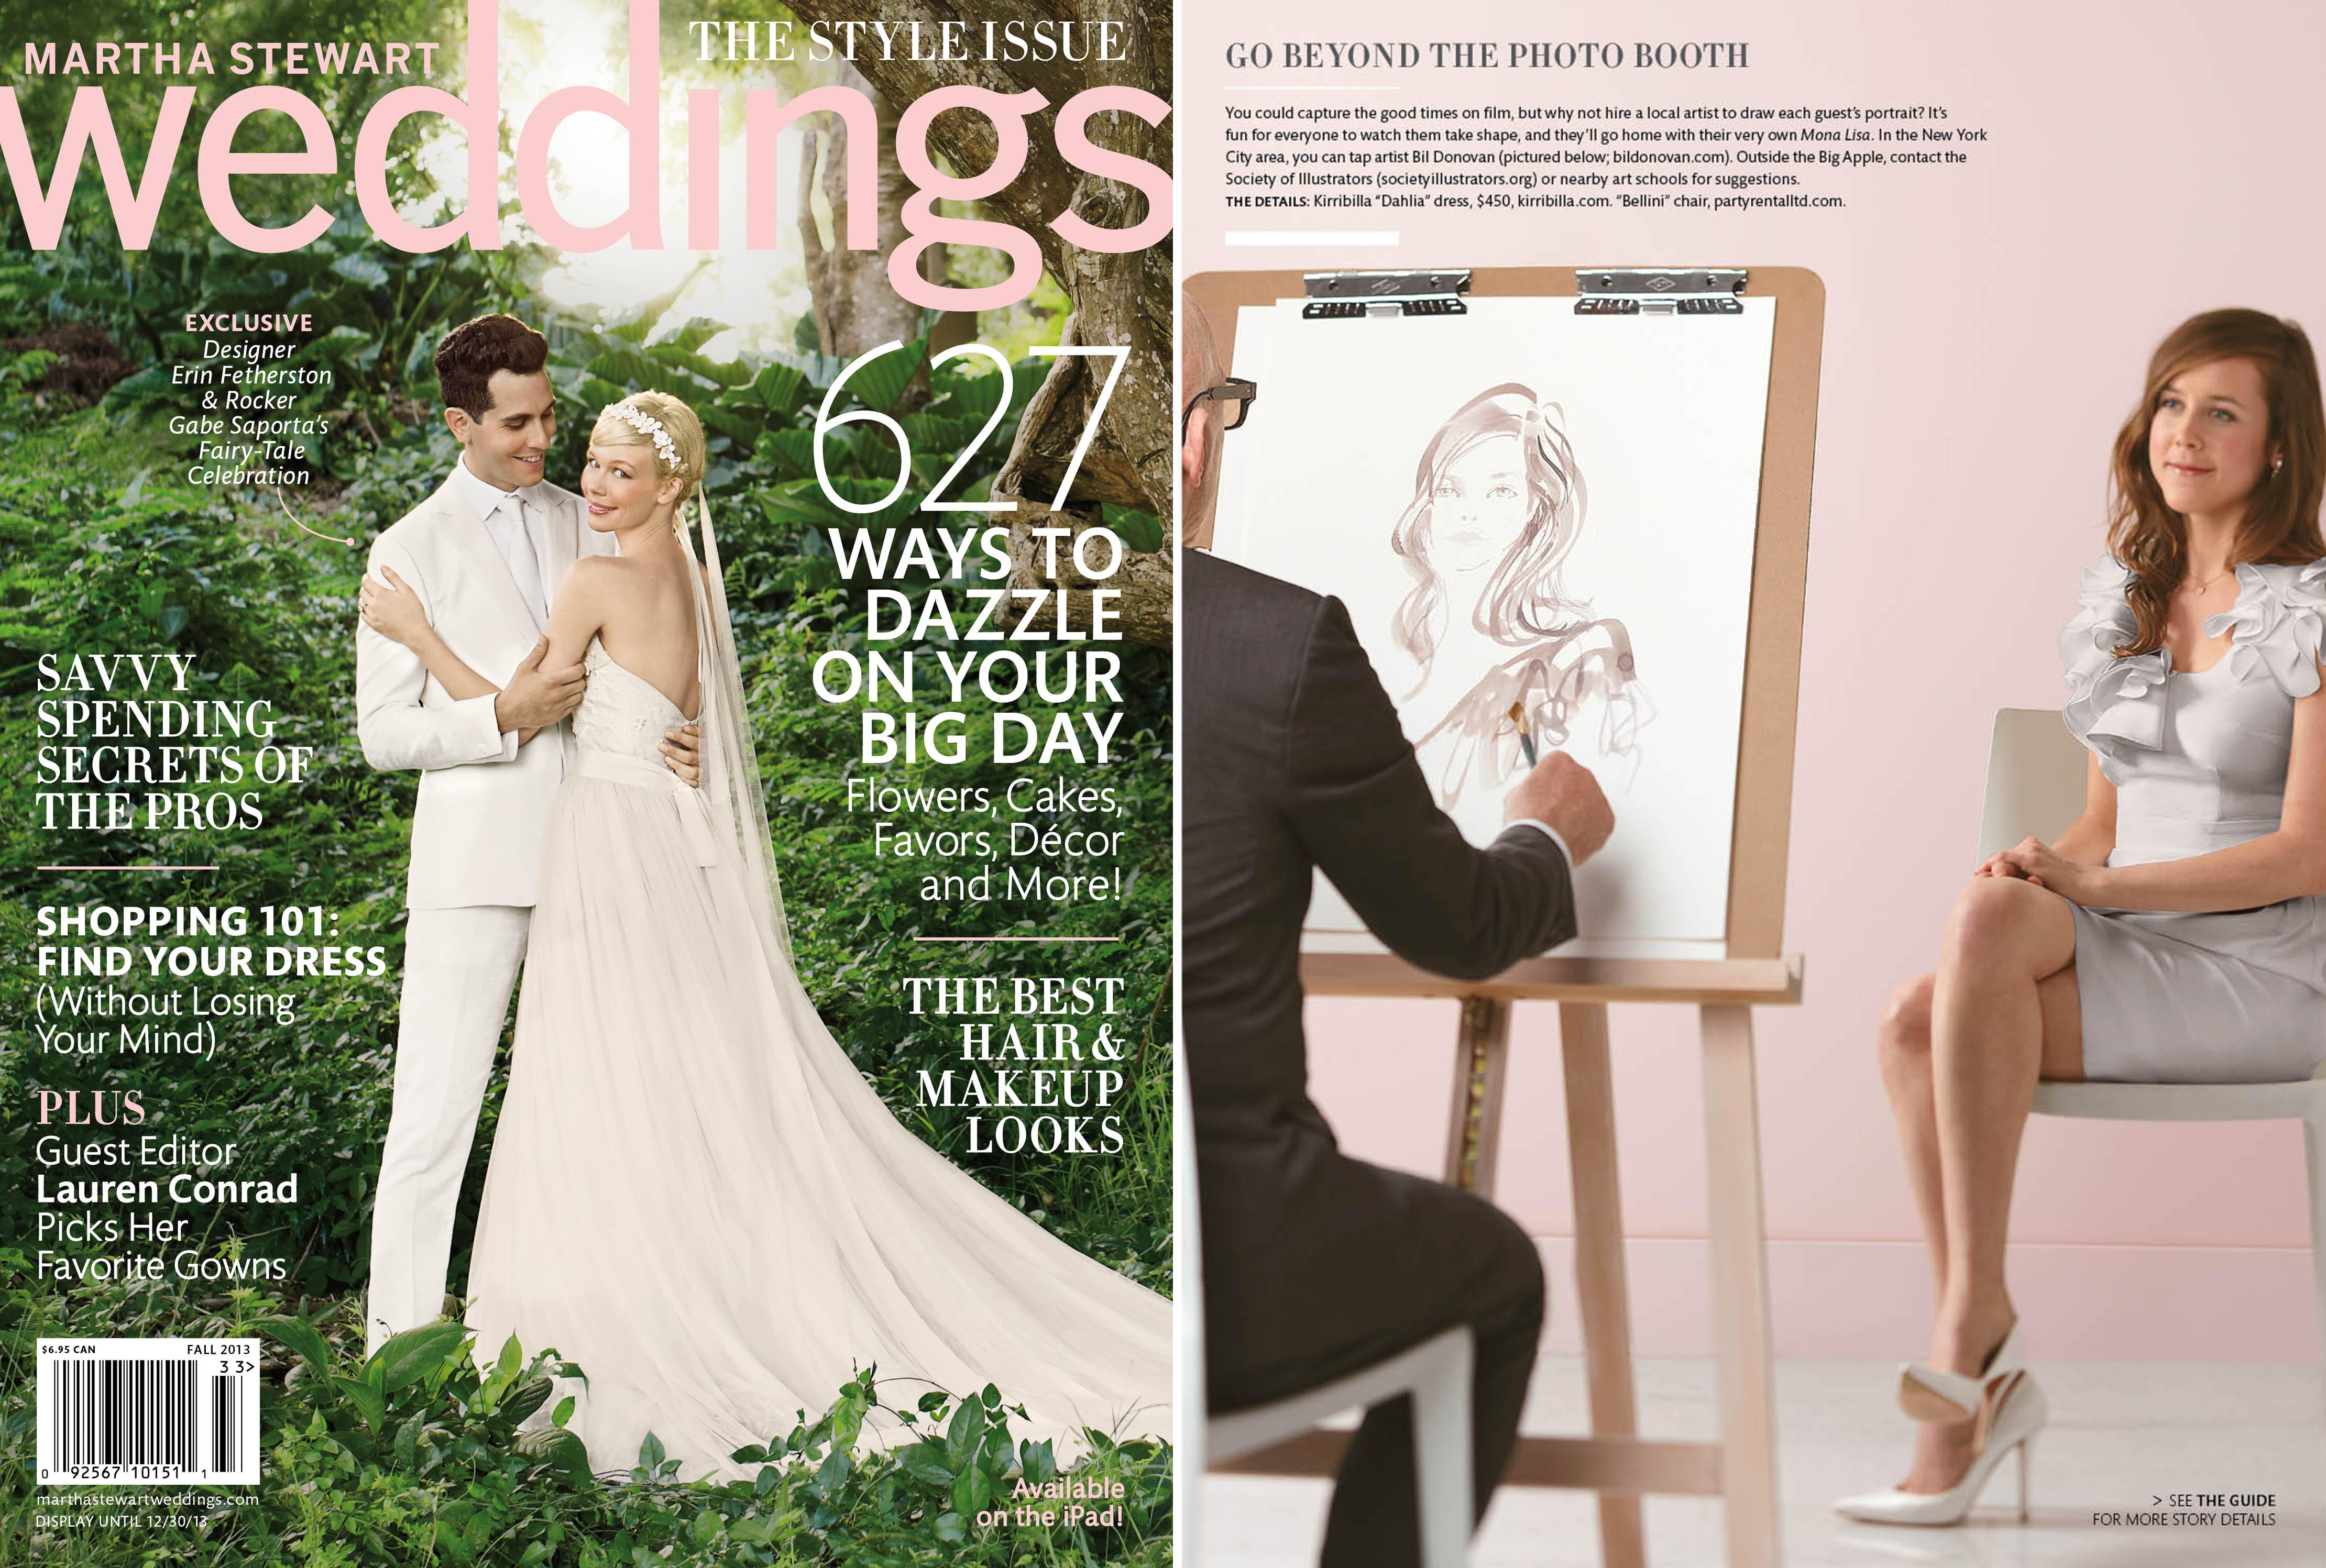 Martha Stewart Weddings featured dress by Kirribilla. September 2013